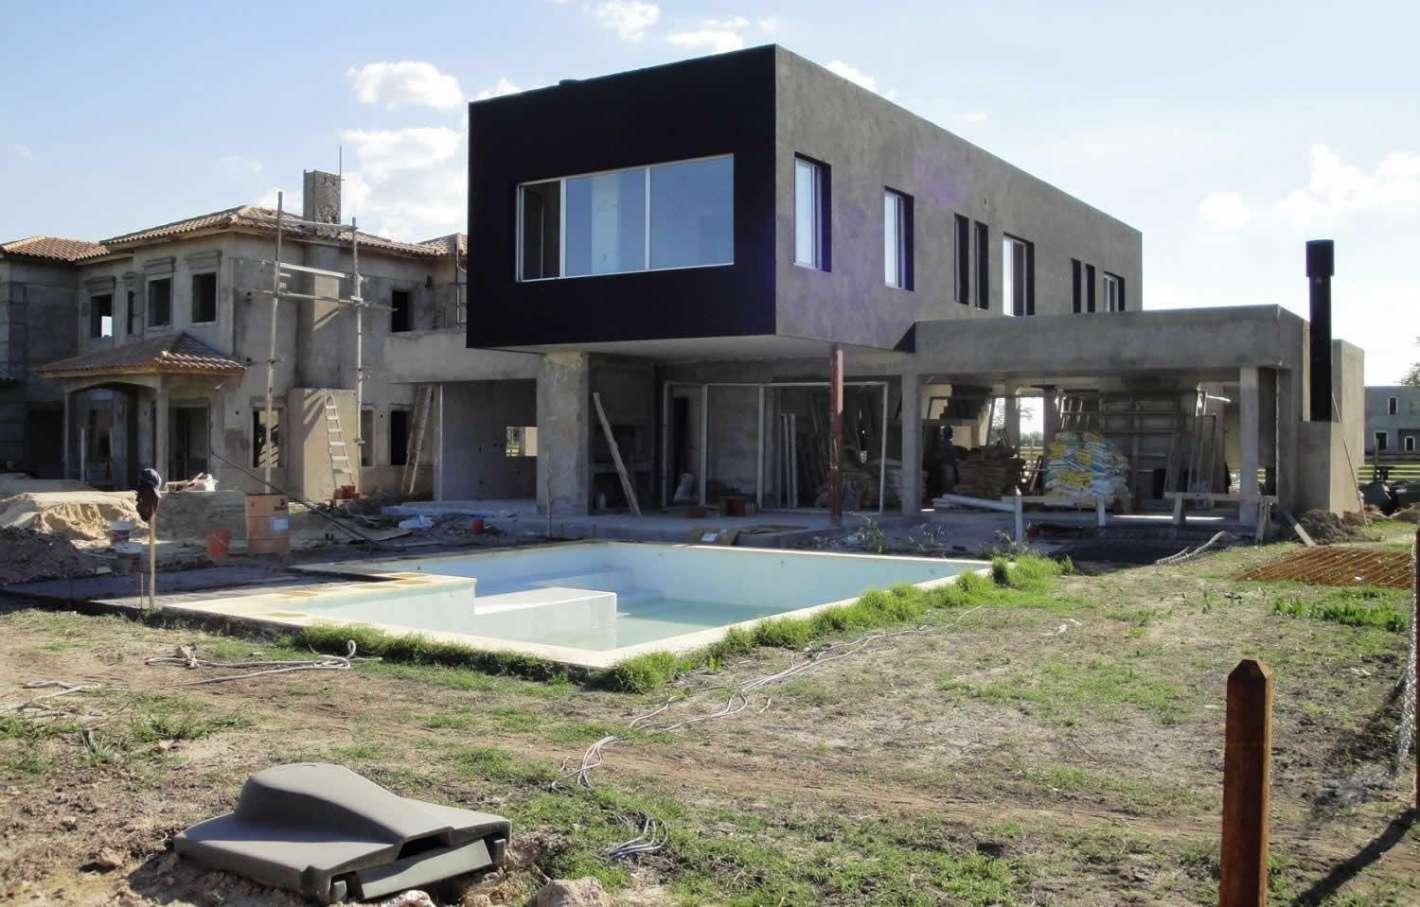 cu nto cuesta construir una casa vip mendoza post On cuanto cuesta edificar una casa